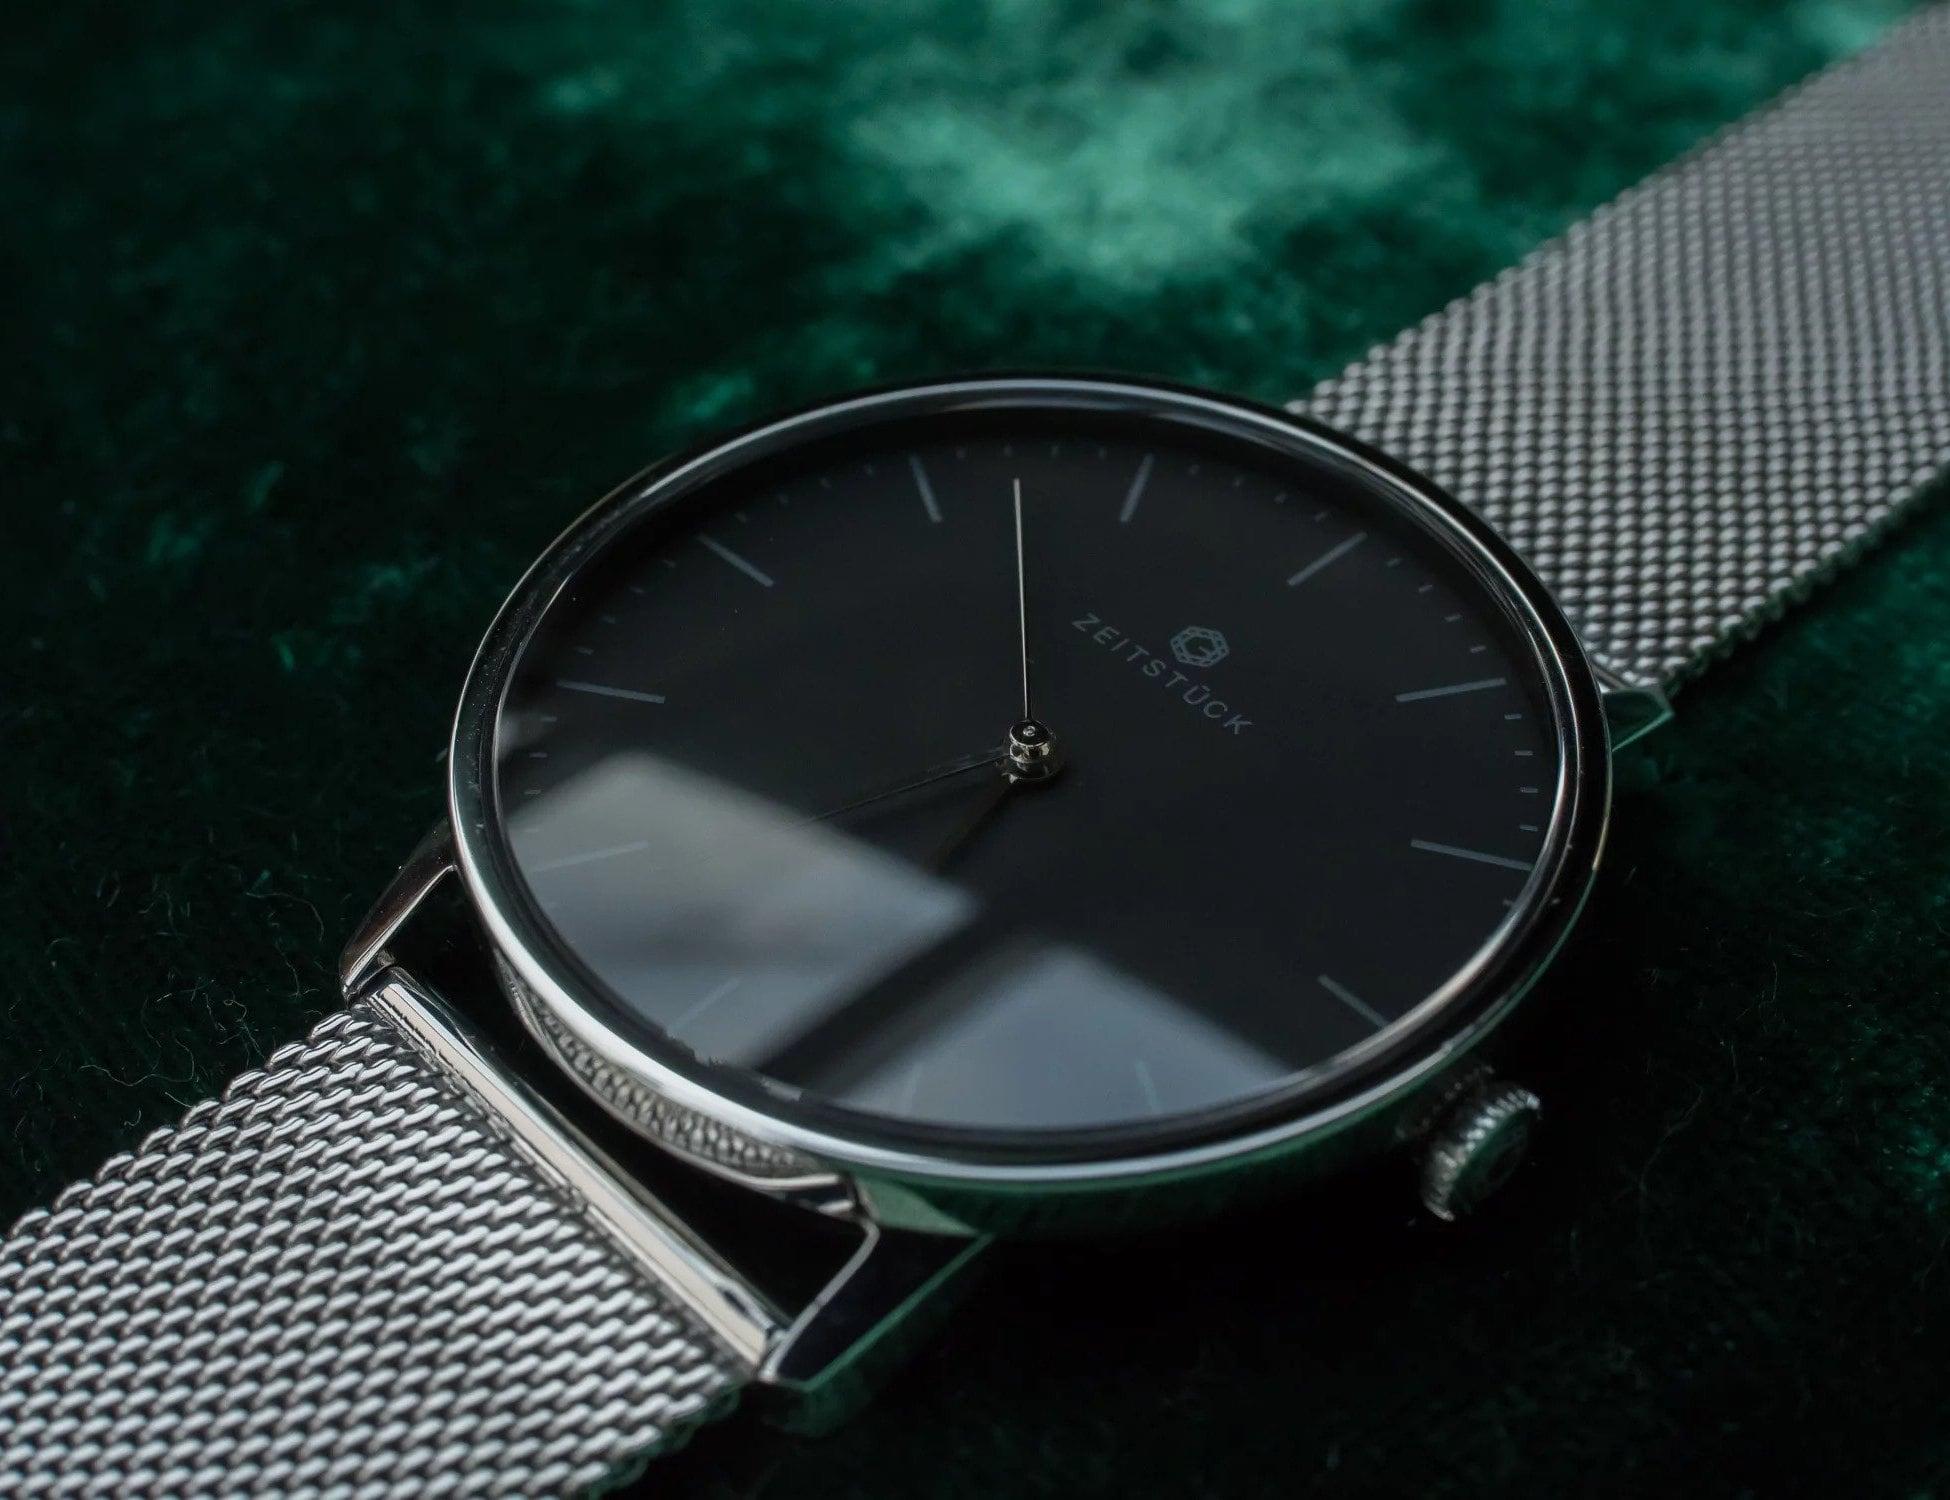 ZEITSTÜCK Semi-Mechanical Minimalist Watches